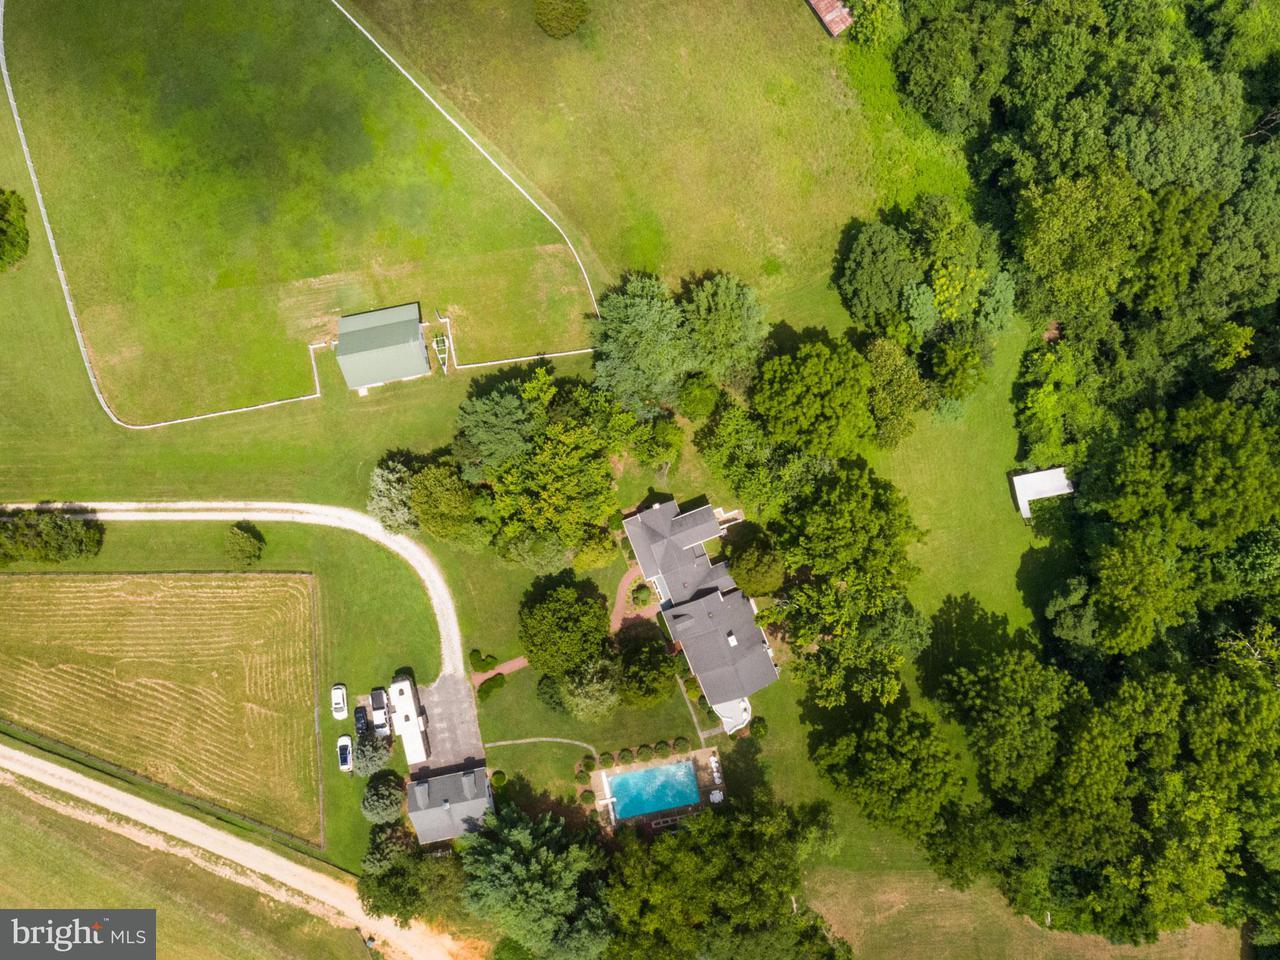 Μονοκατοικία για την Πώληση στο 2950 ROSS Road 2950 ROSS Road St. Leonard, Μεριλαντ 20685 Ηνωμενεσ Πολιτειεσ